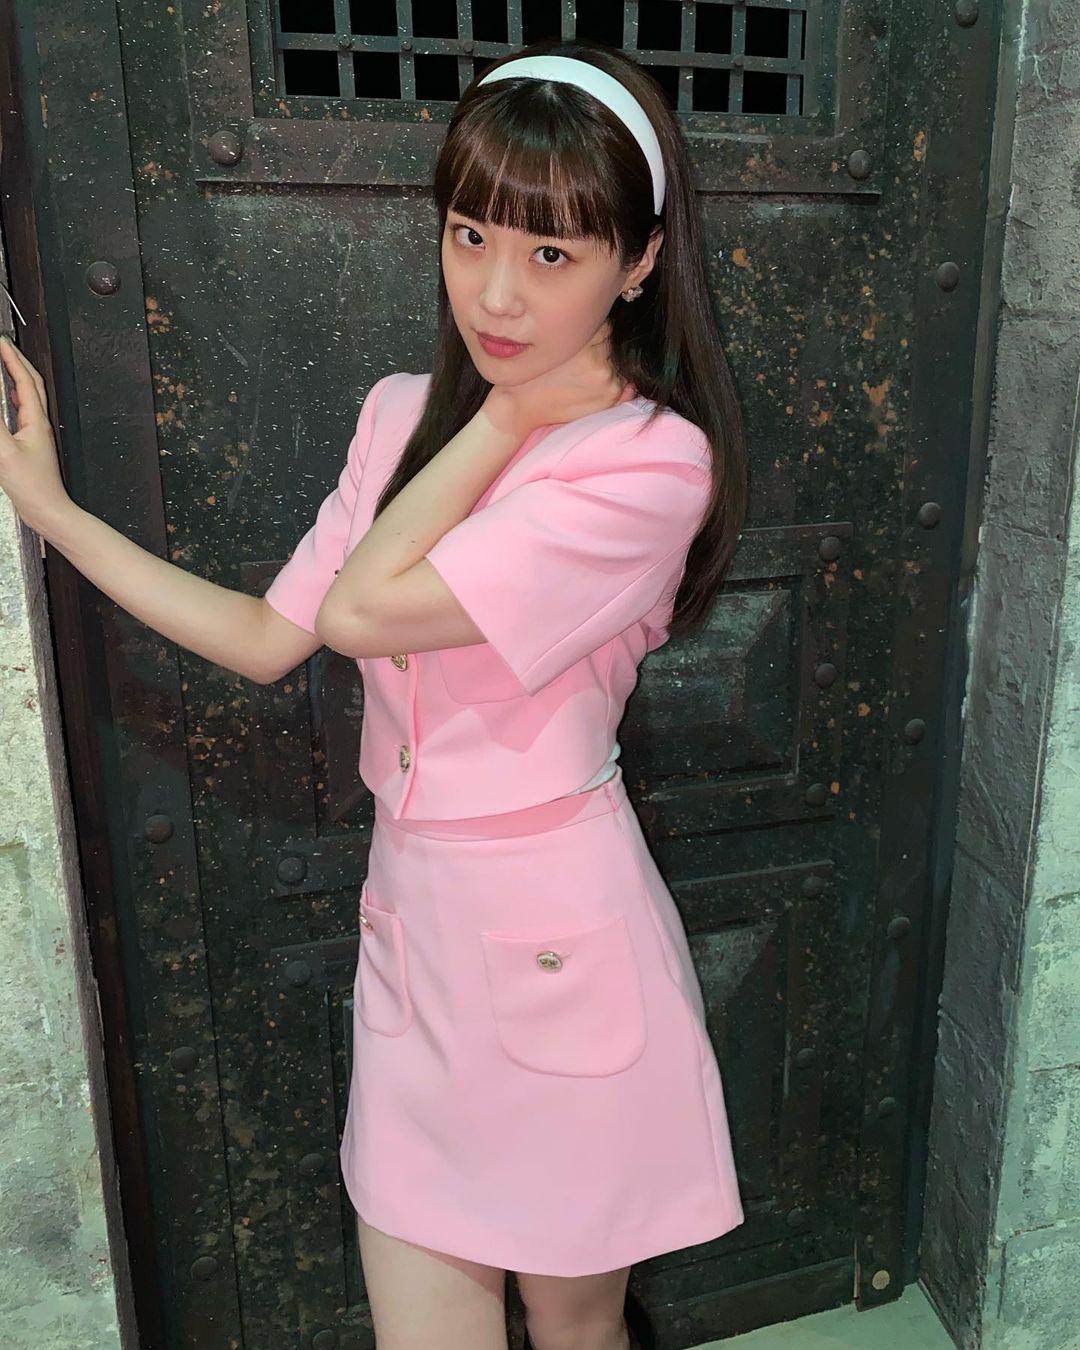 Sao Hàn diện đồ Zara từ street style lên sàn diễn: Xinh nhất là áo phông chỉ hơn 200k của Krystal - Ảnh 5.